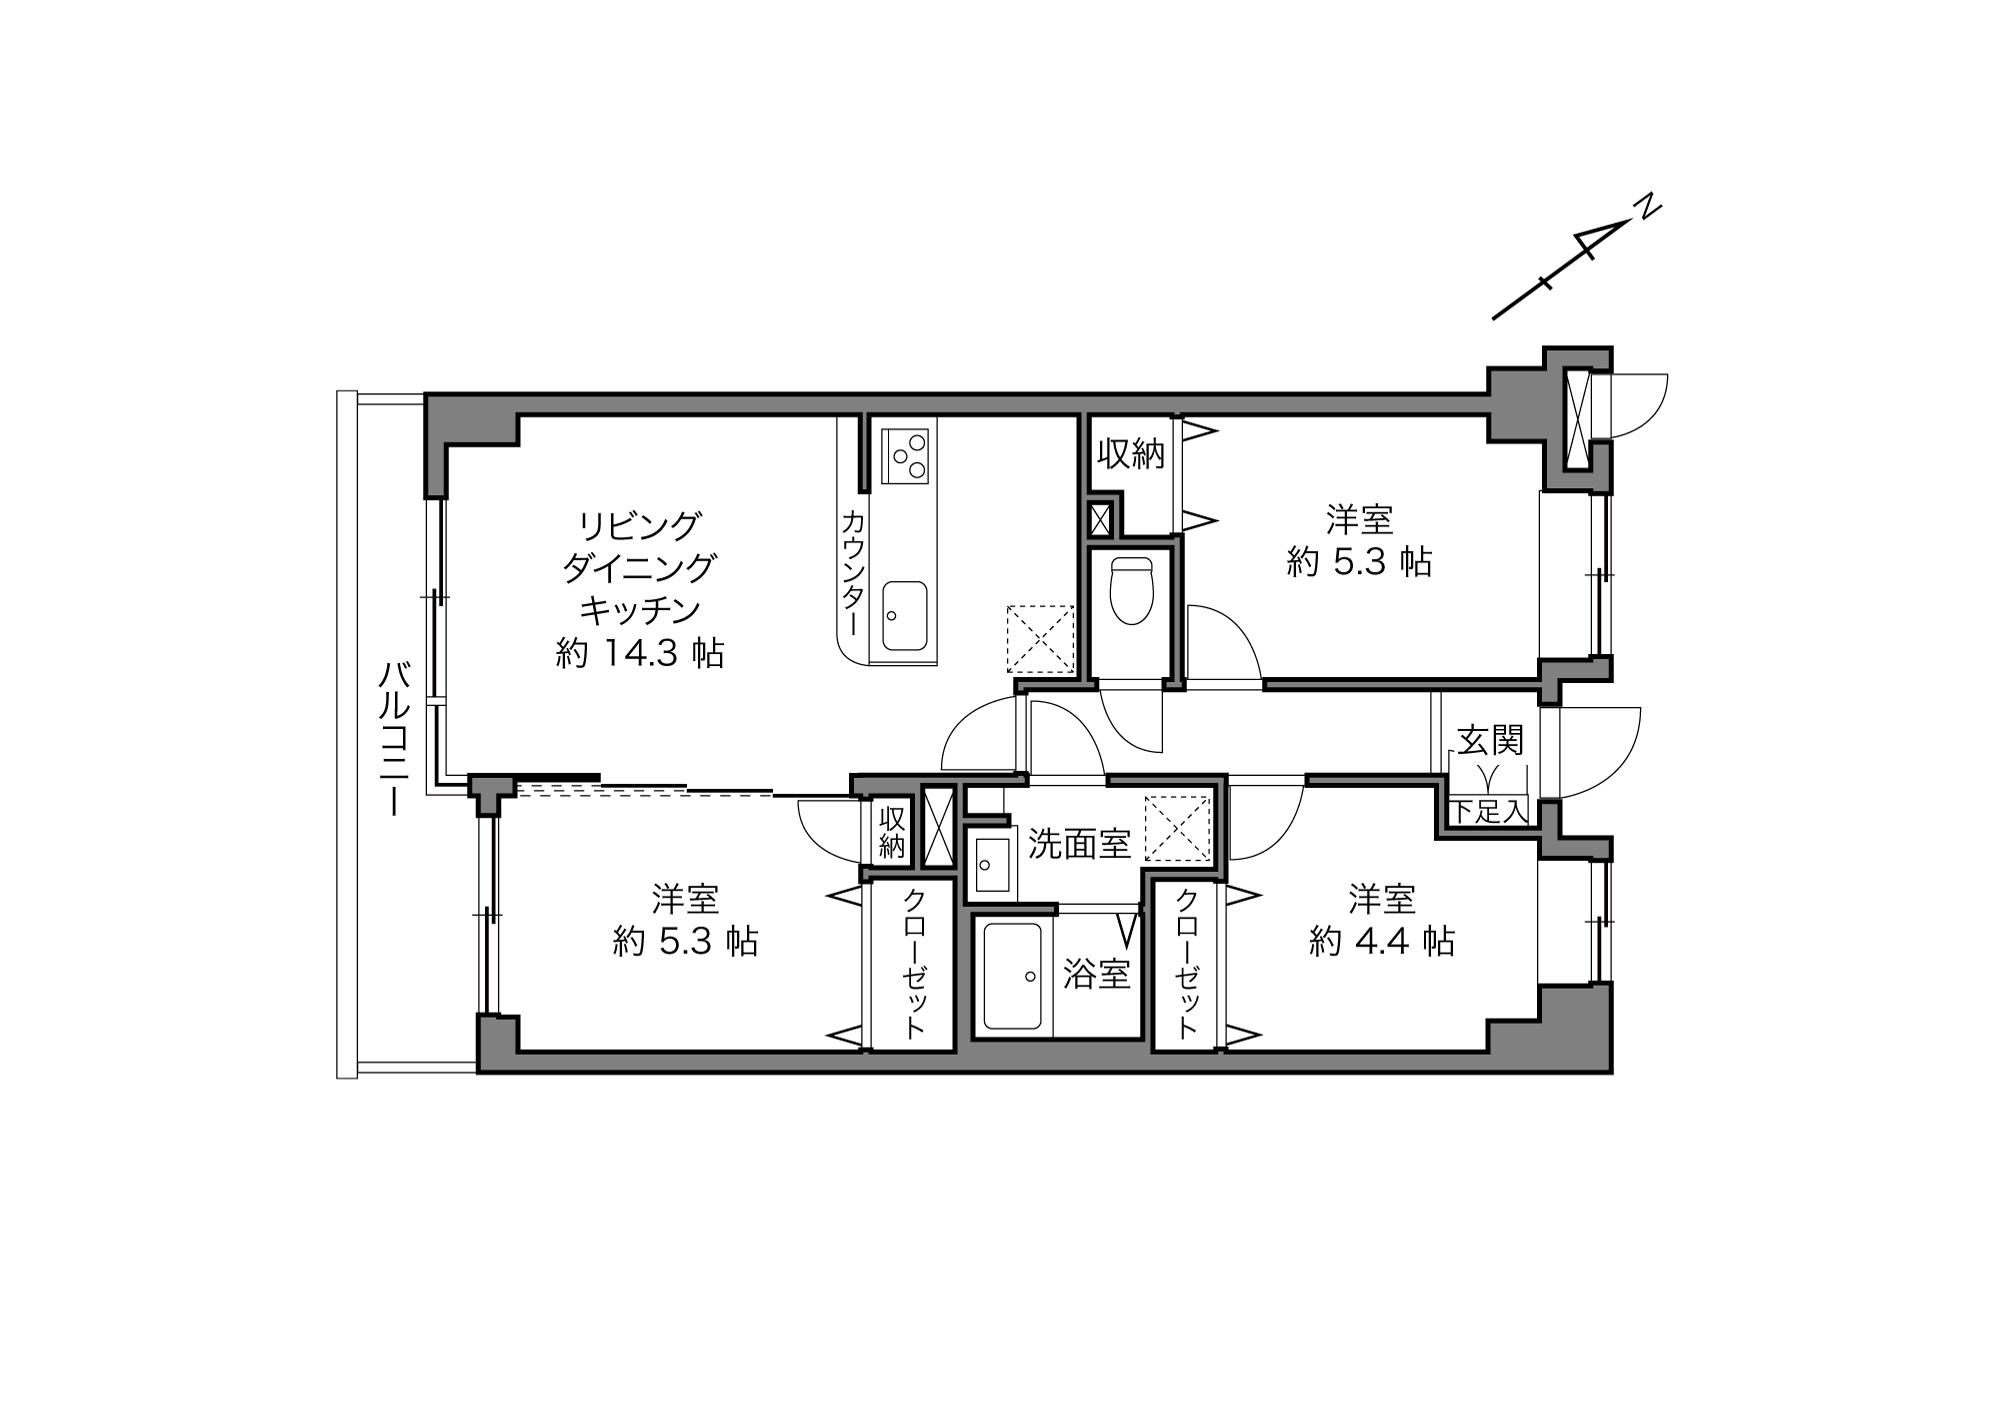 若林駅 / 3LDK+4Closet / 66.06㎡